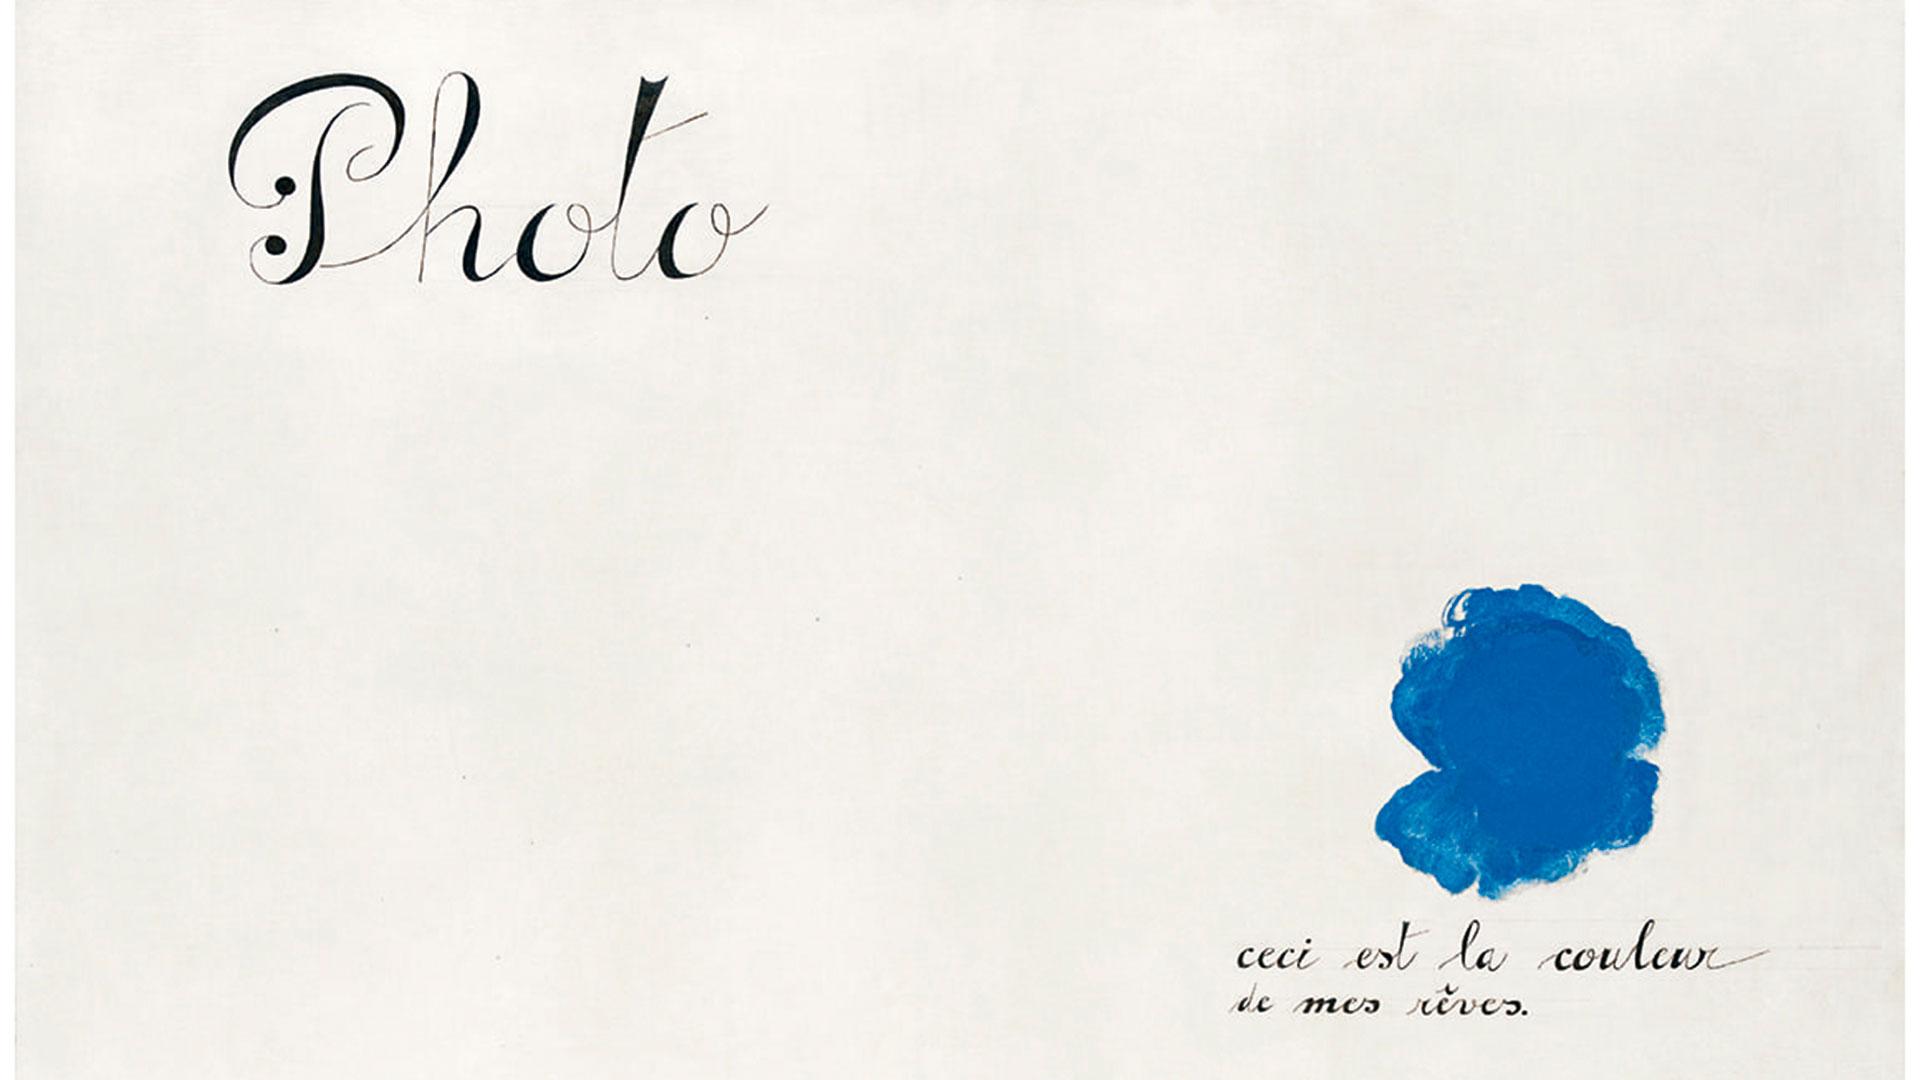 Miró llega al Grand Palais hero asset